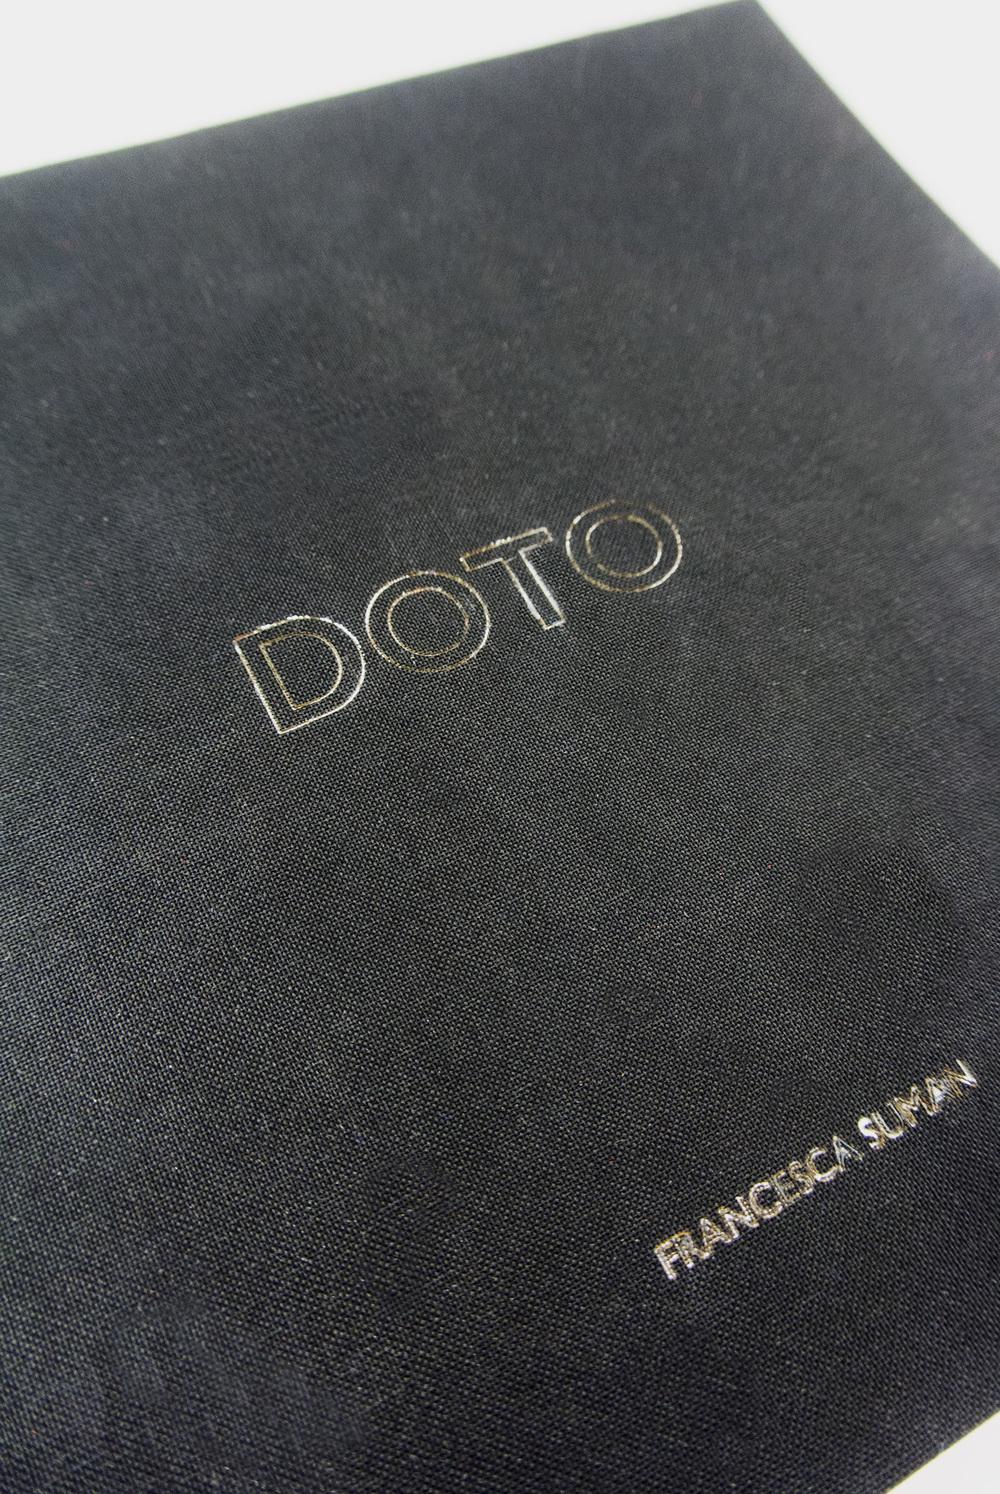 Doto Book